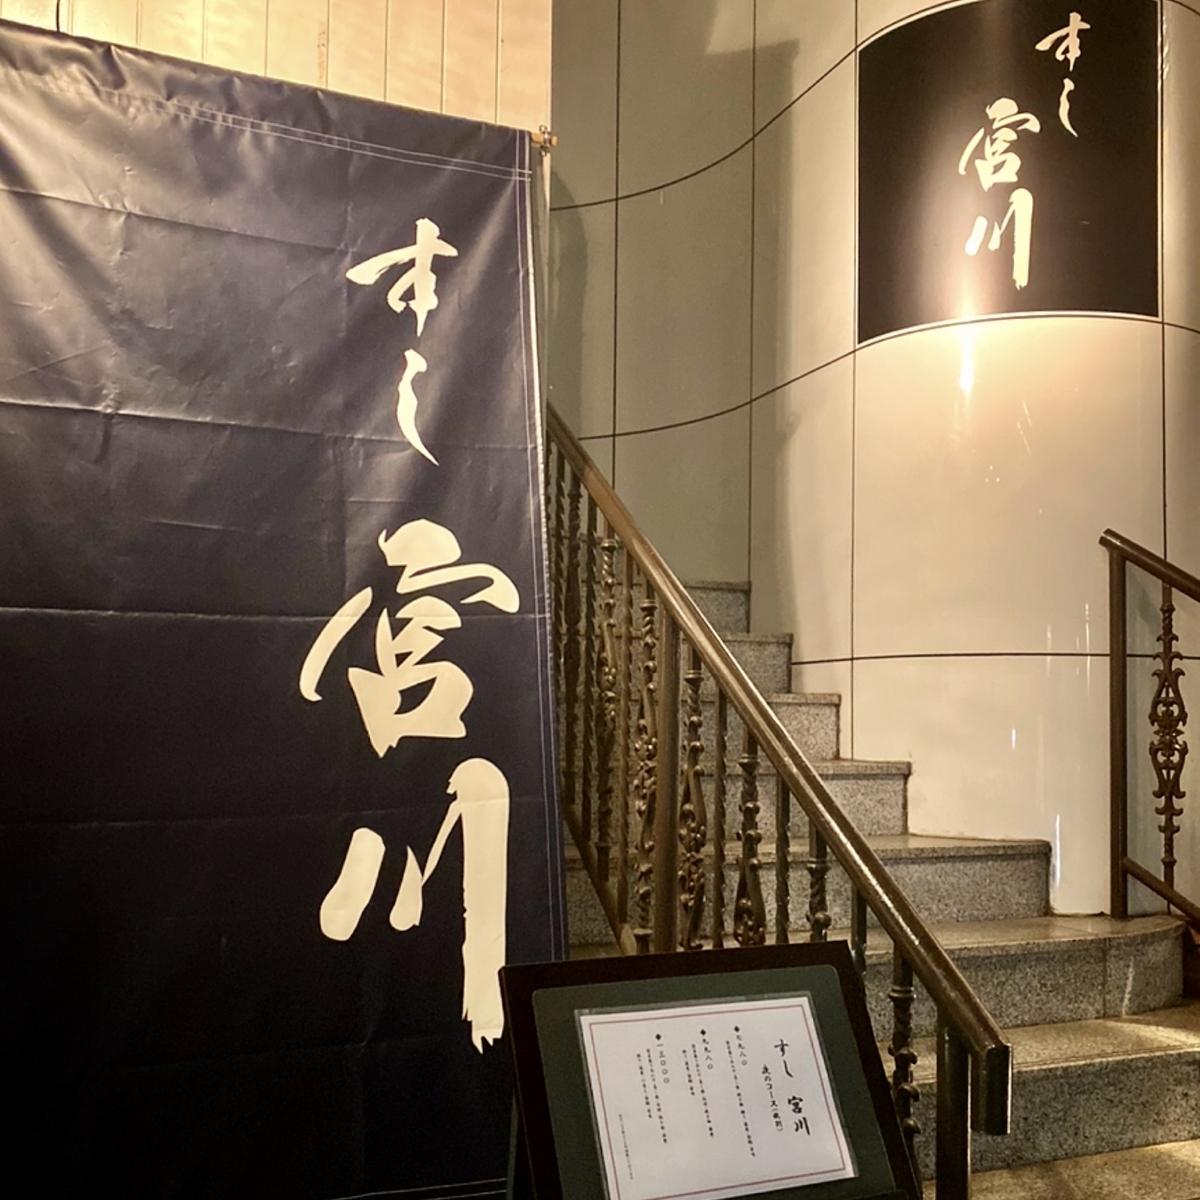 「すし 宮川」はデートから少数の接待などにおすすめのお寿司屋でした